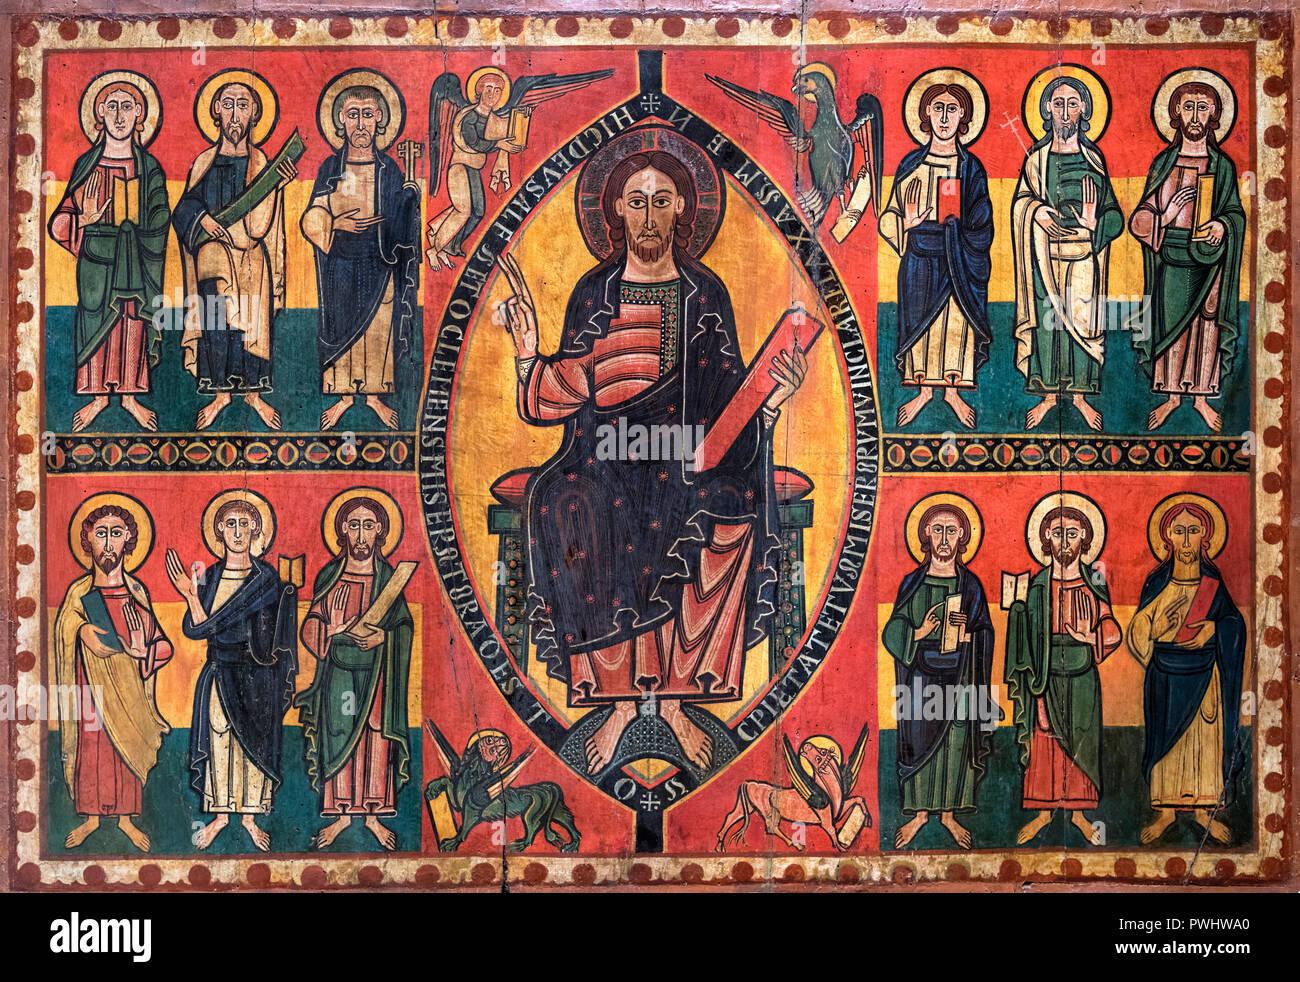 Altare Esquius anteriore, una pittura medievale probabilmente dalla vecchia chiesa di Santa Maria in castello di Besora, risalente al XII secolo D.C., tempera e metallo verniciato piastra su legno Immagini Stock